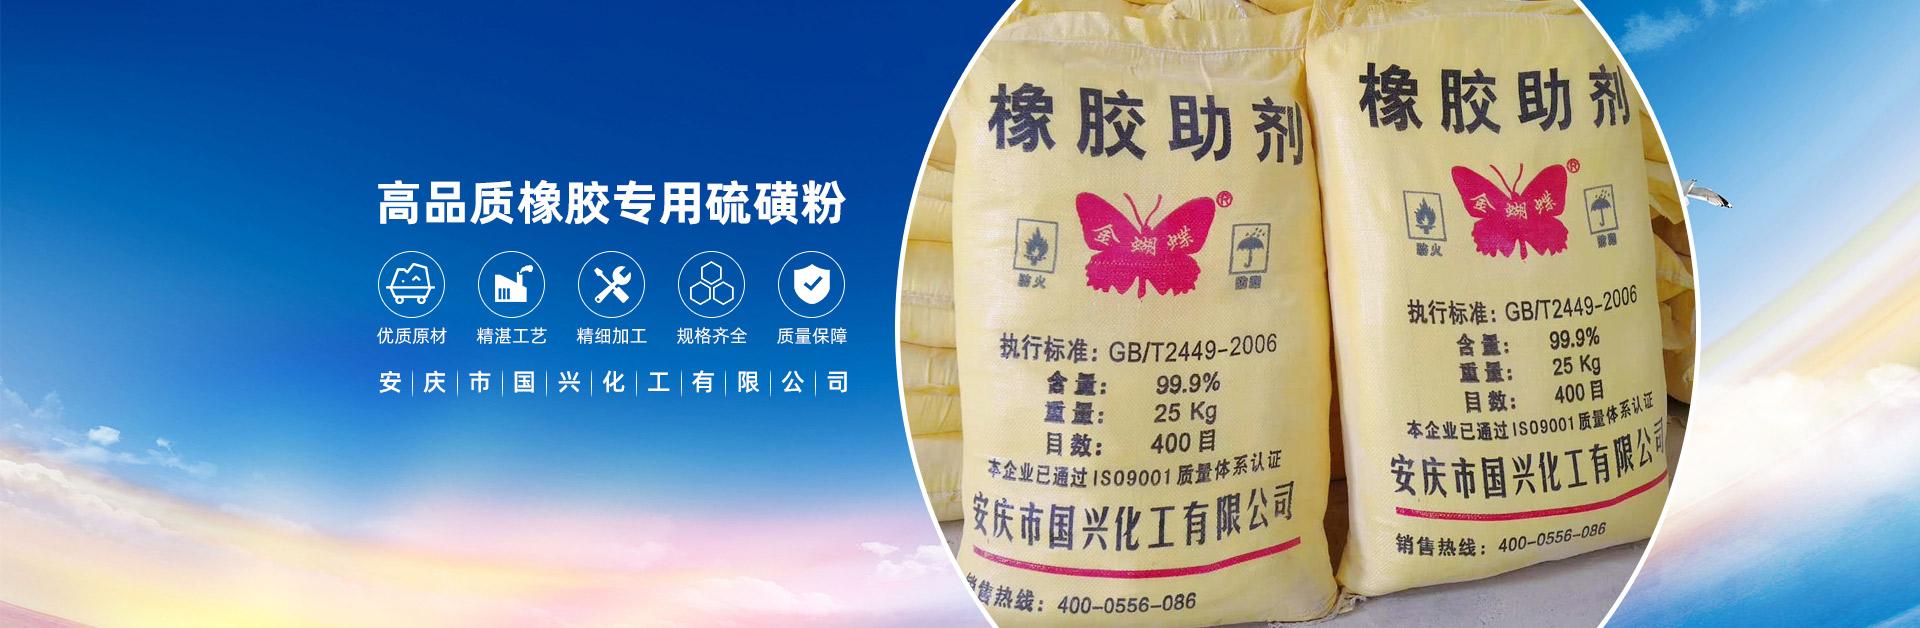 橡胶专用硫磺粉